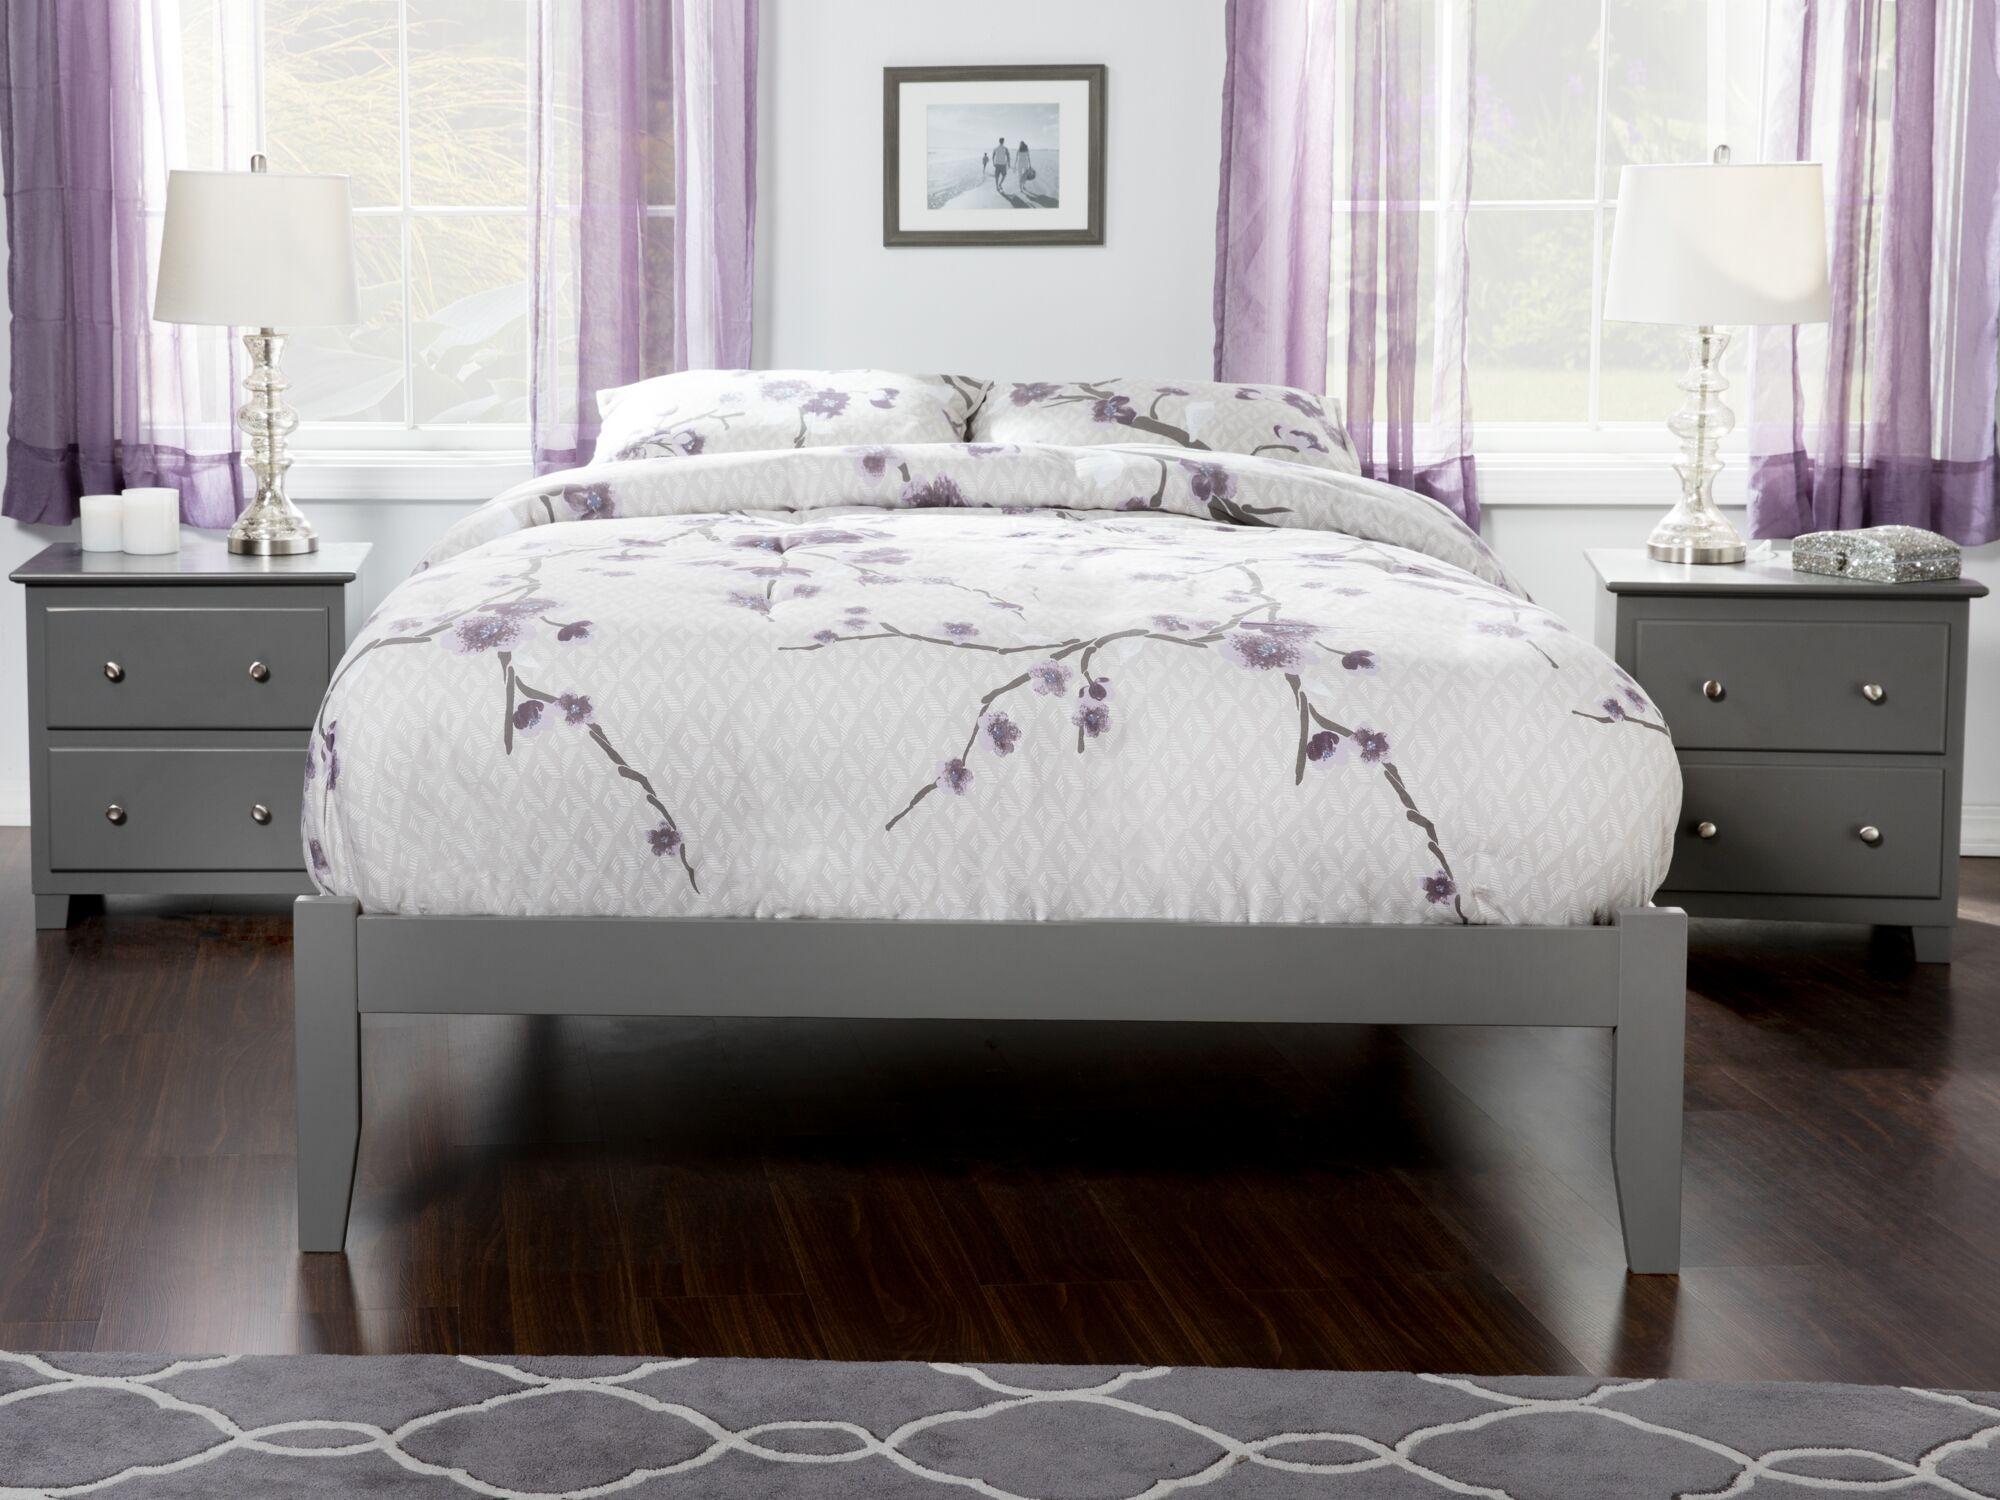 Thornport Platform Bed Size: Queen